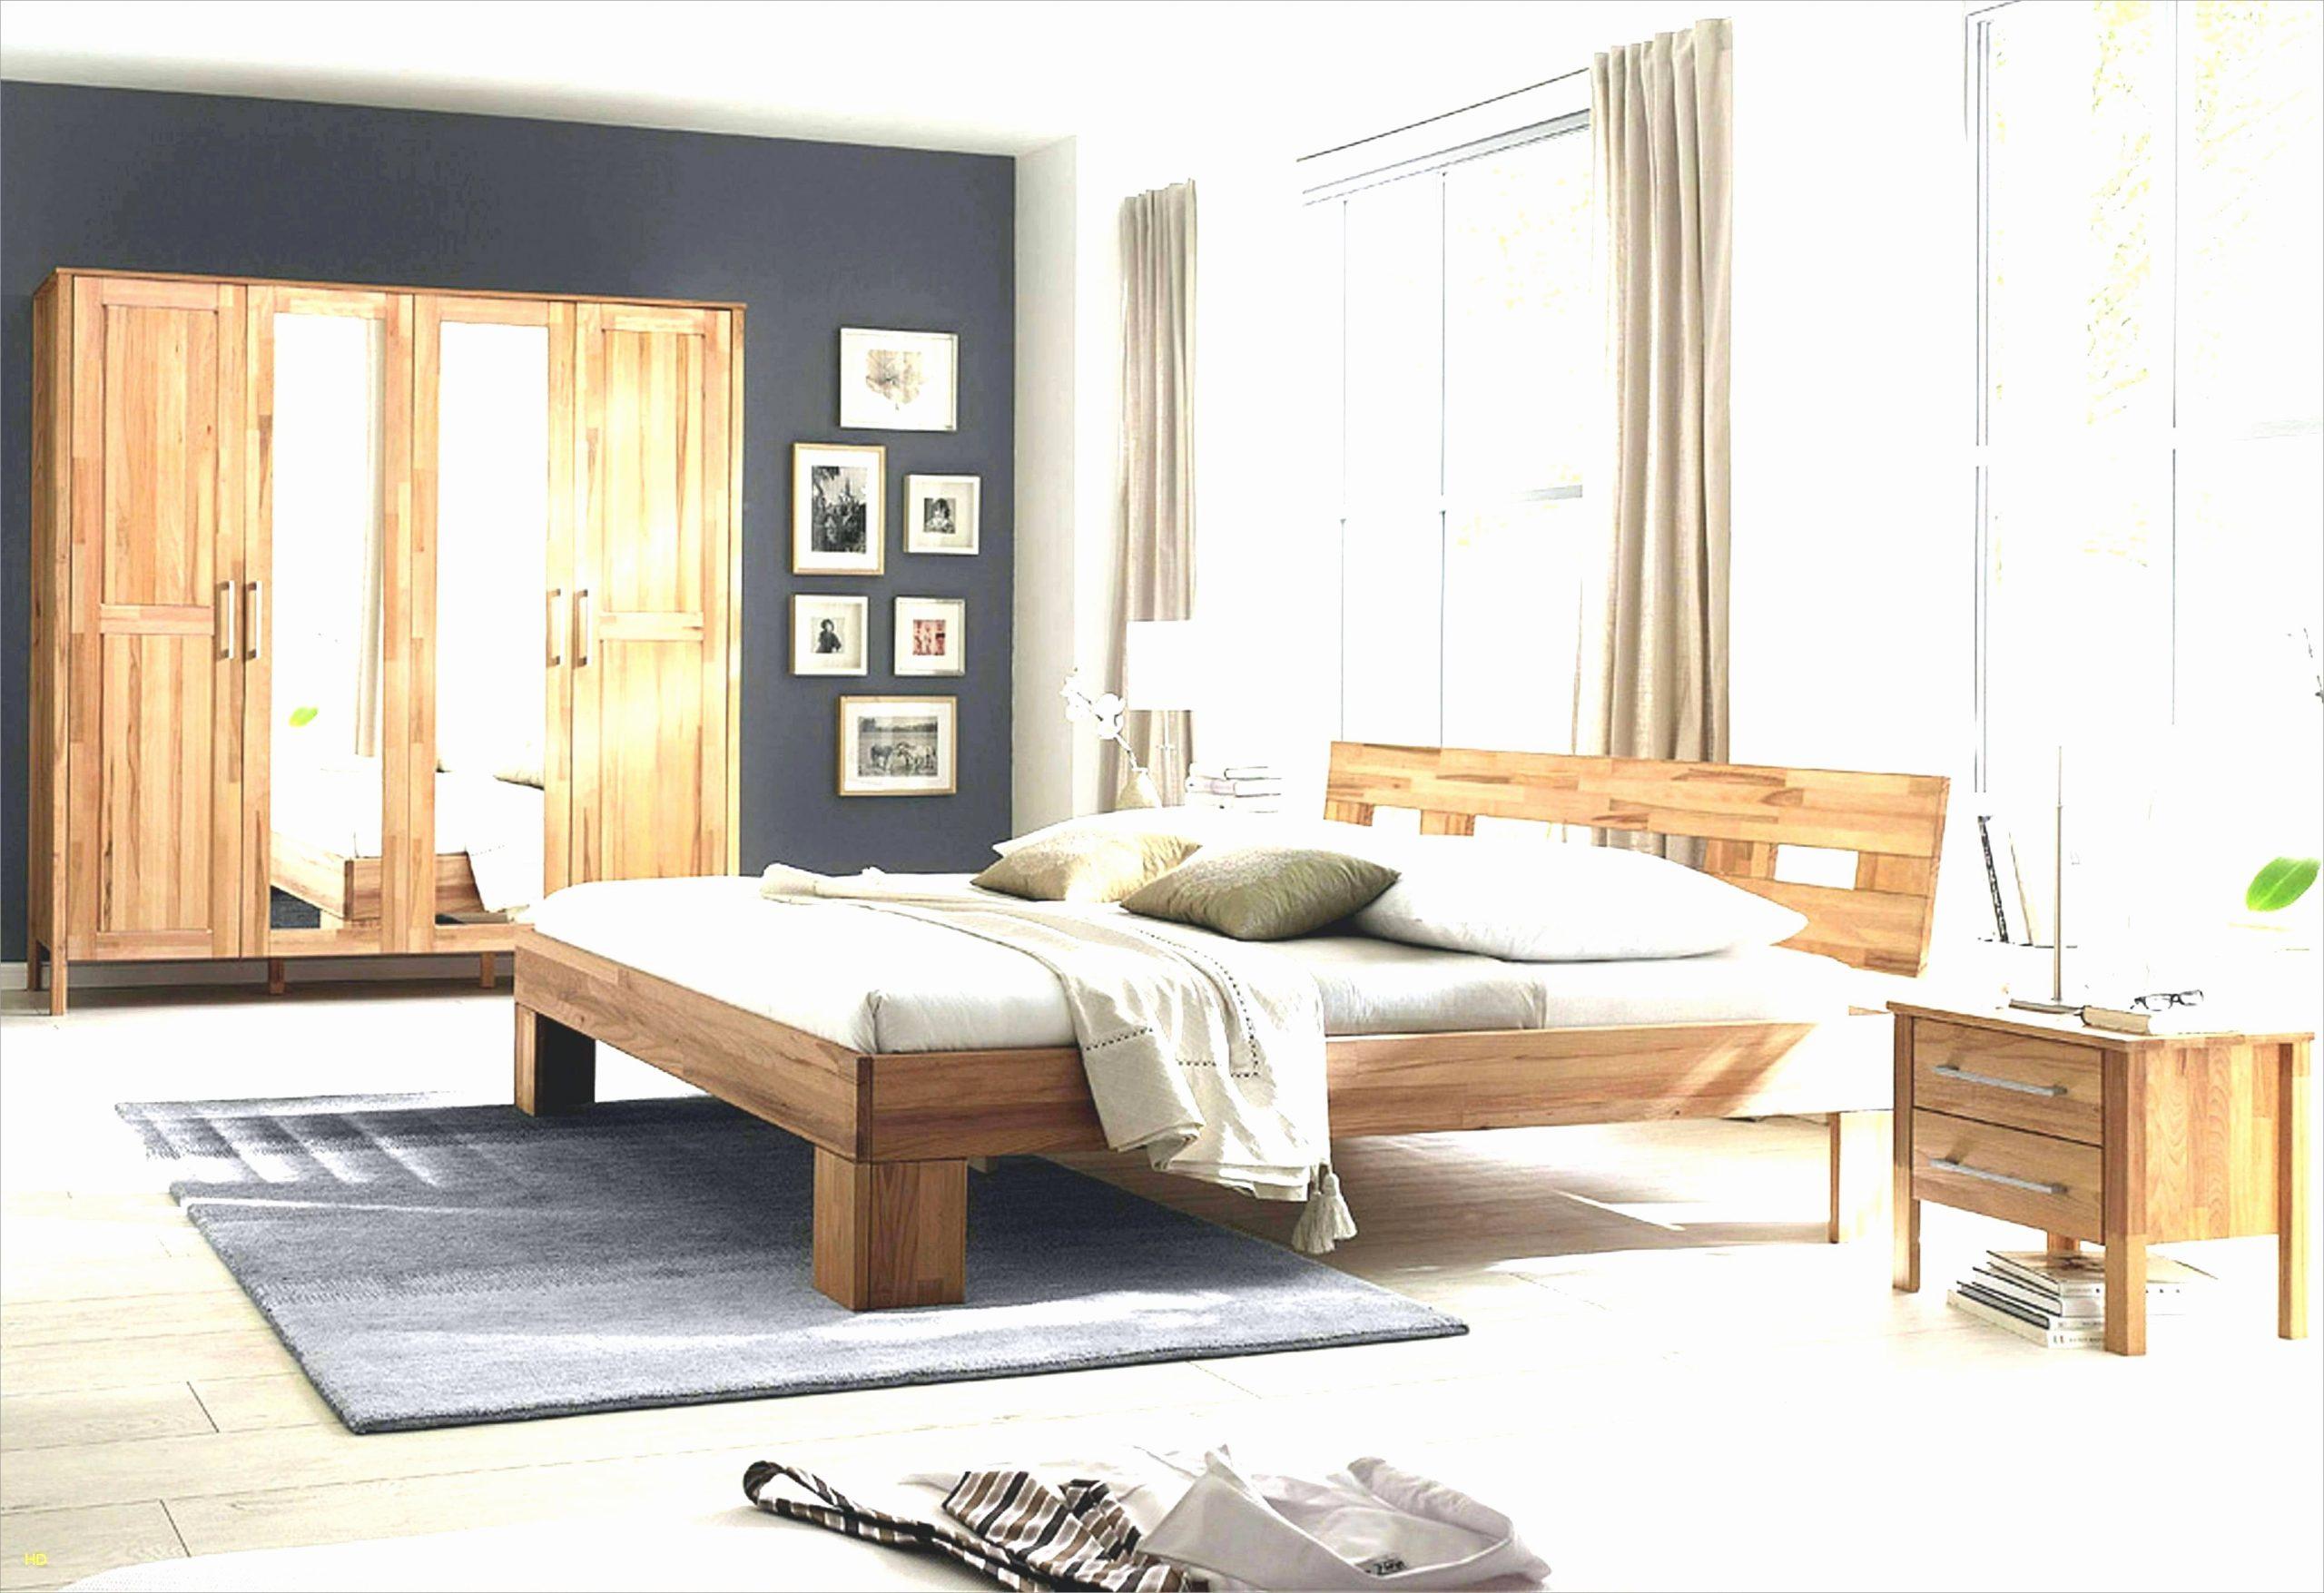 Full Size of Schlafzimmer Mit überbau Luxor Berbau Neu Günstig Deckenleuchte Set Weiß Bett Gästebett Sofa Recamiere Badewanne Tür Und Dusche Weiss Komplette Schlafzimmer Schlafzimmer Mit überbau